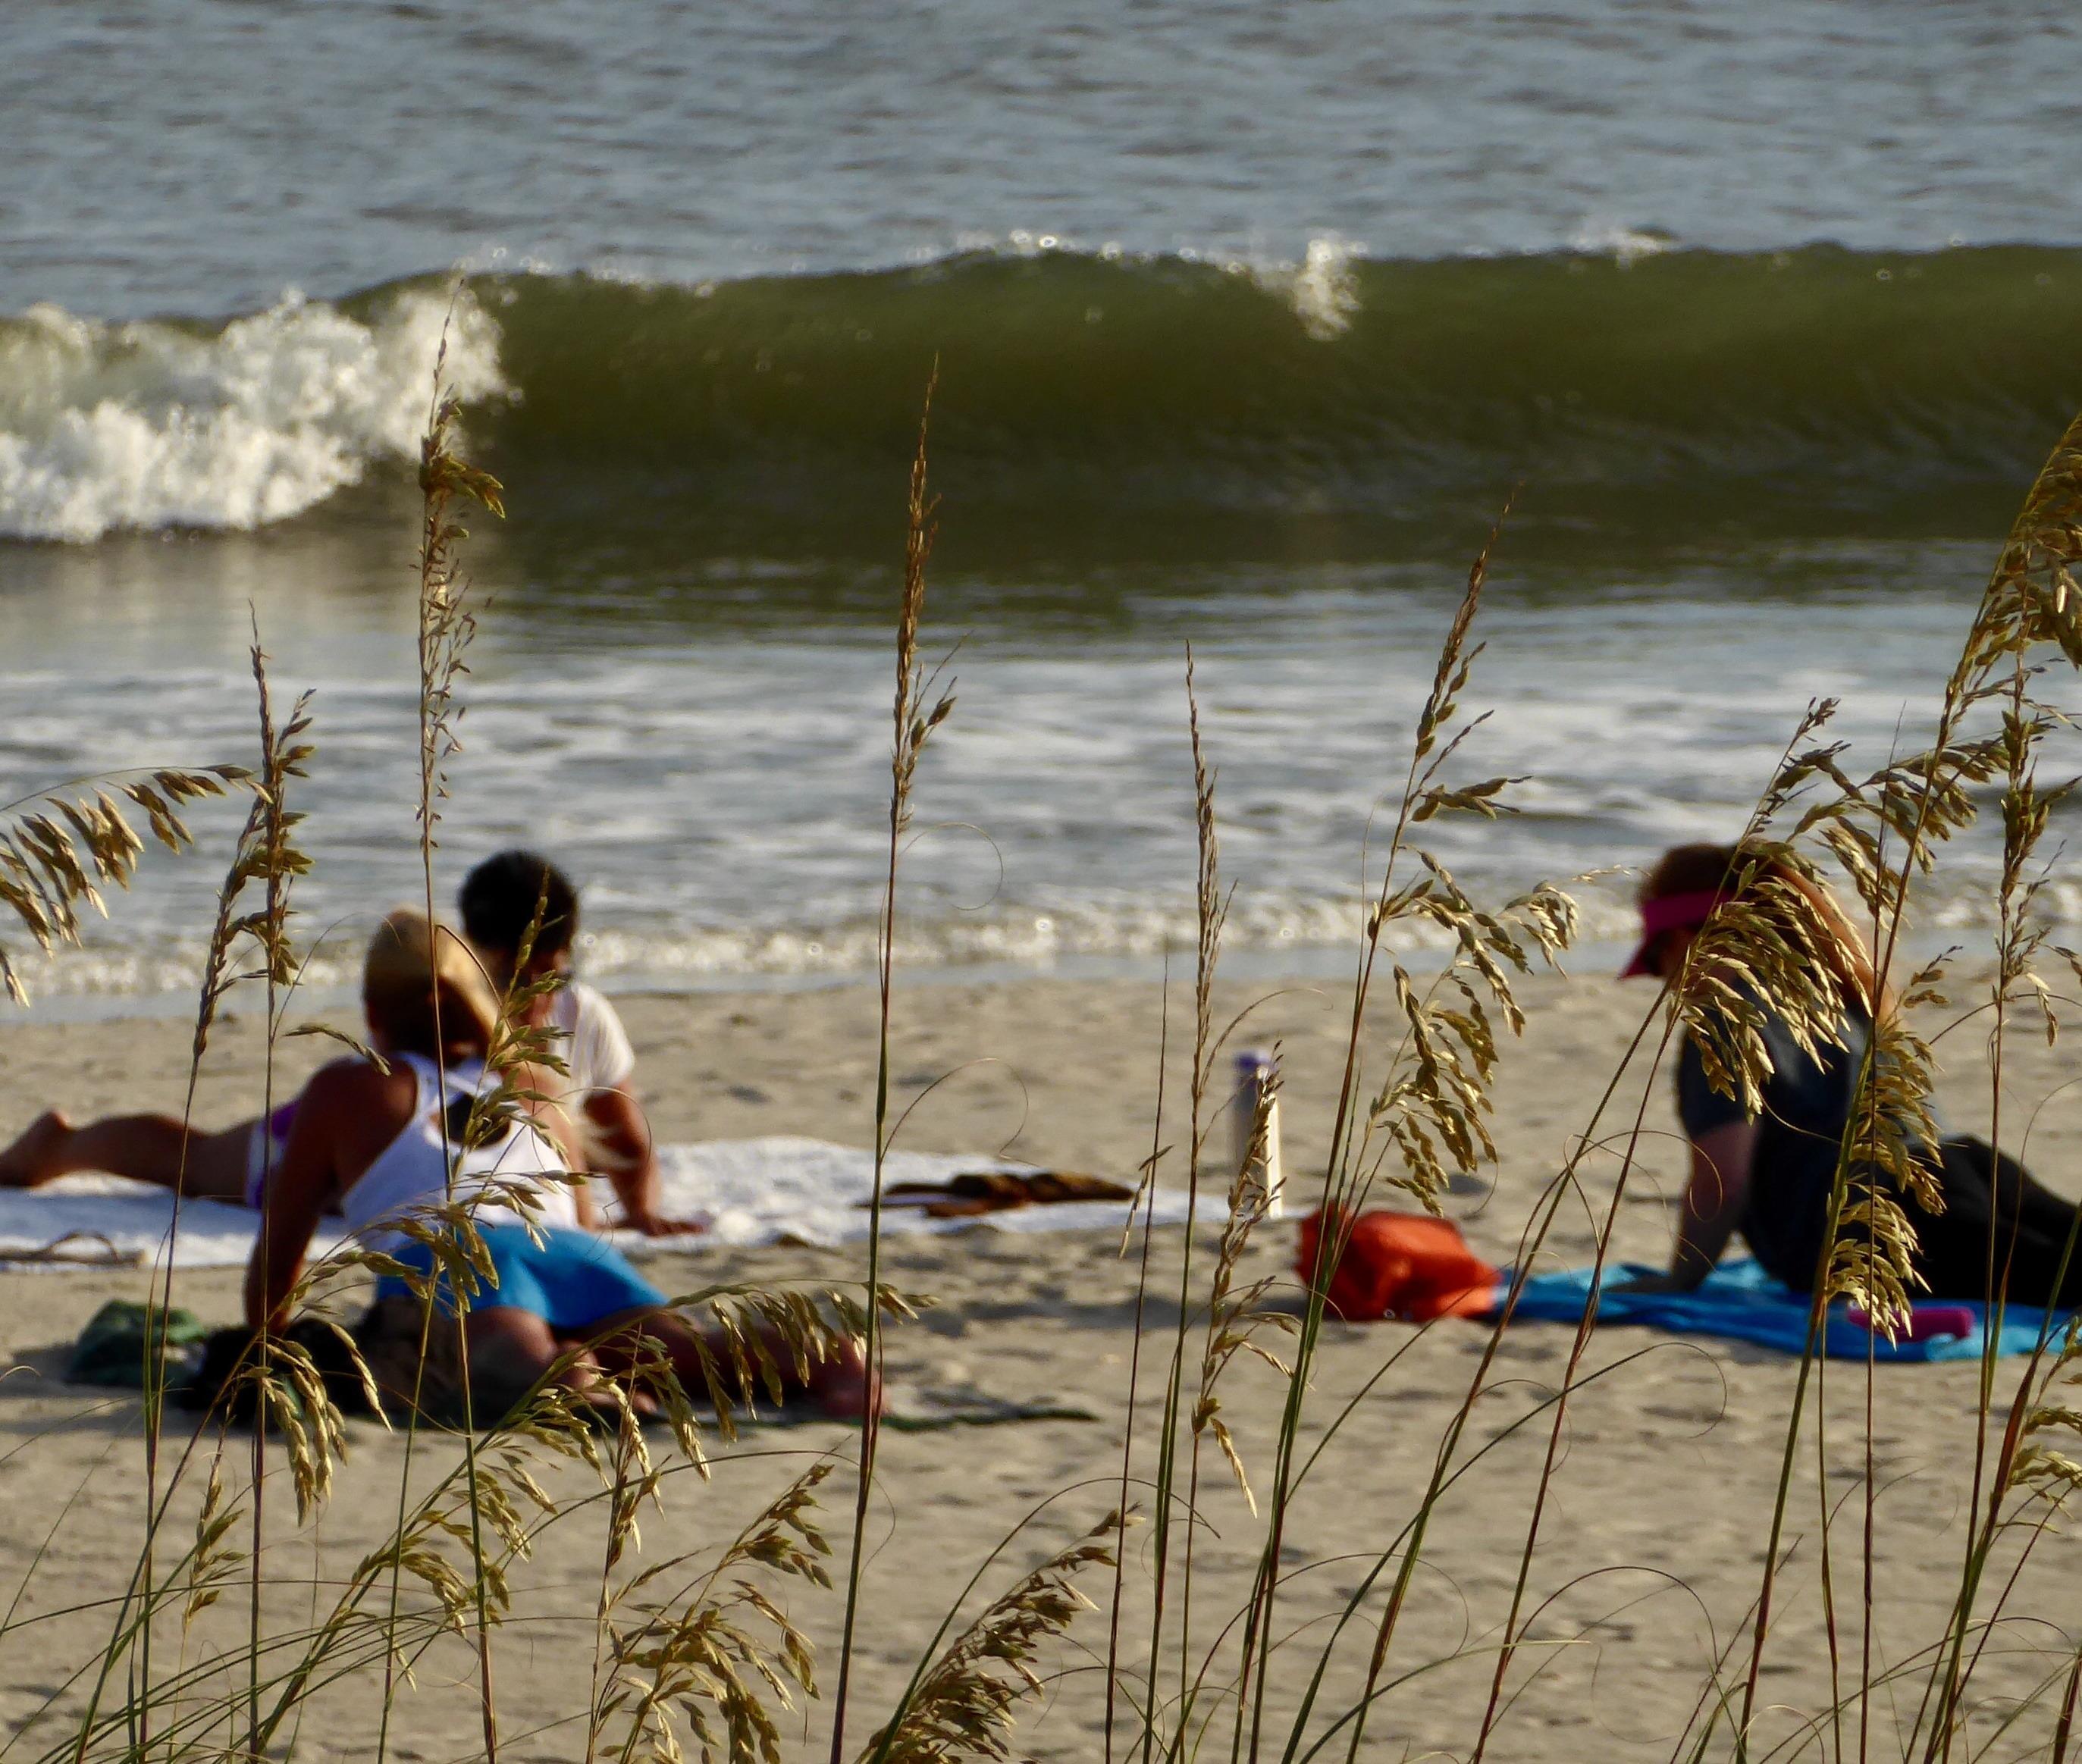 IMG 5534 - Yoga on the Beach